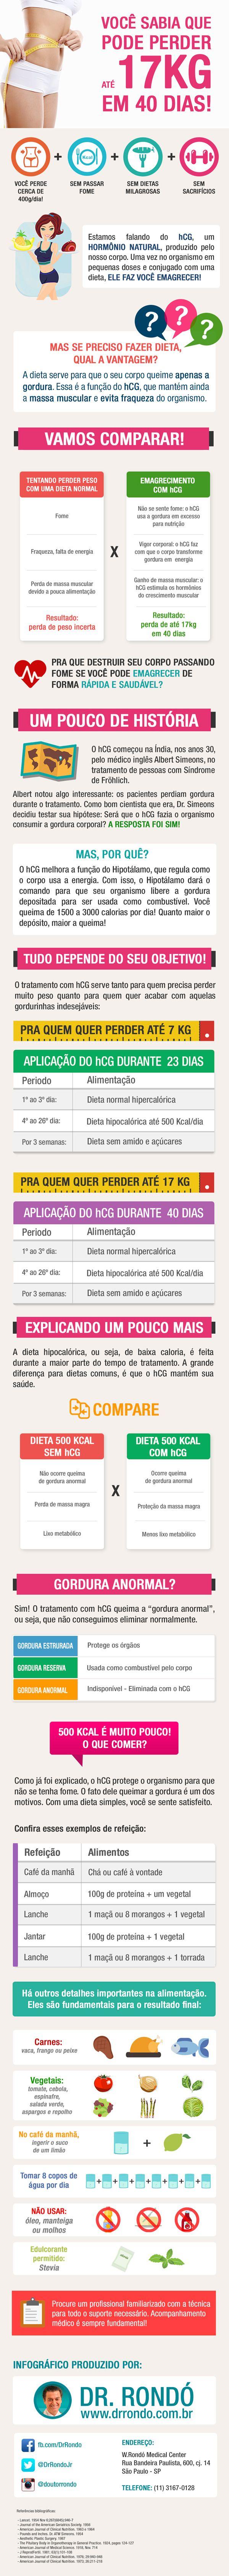 infografico hcg dr rondo